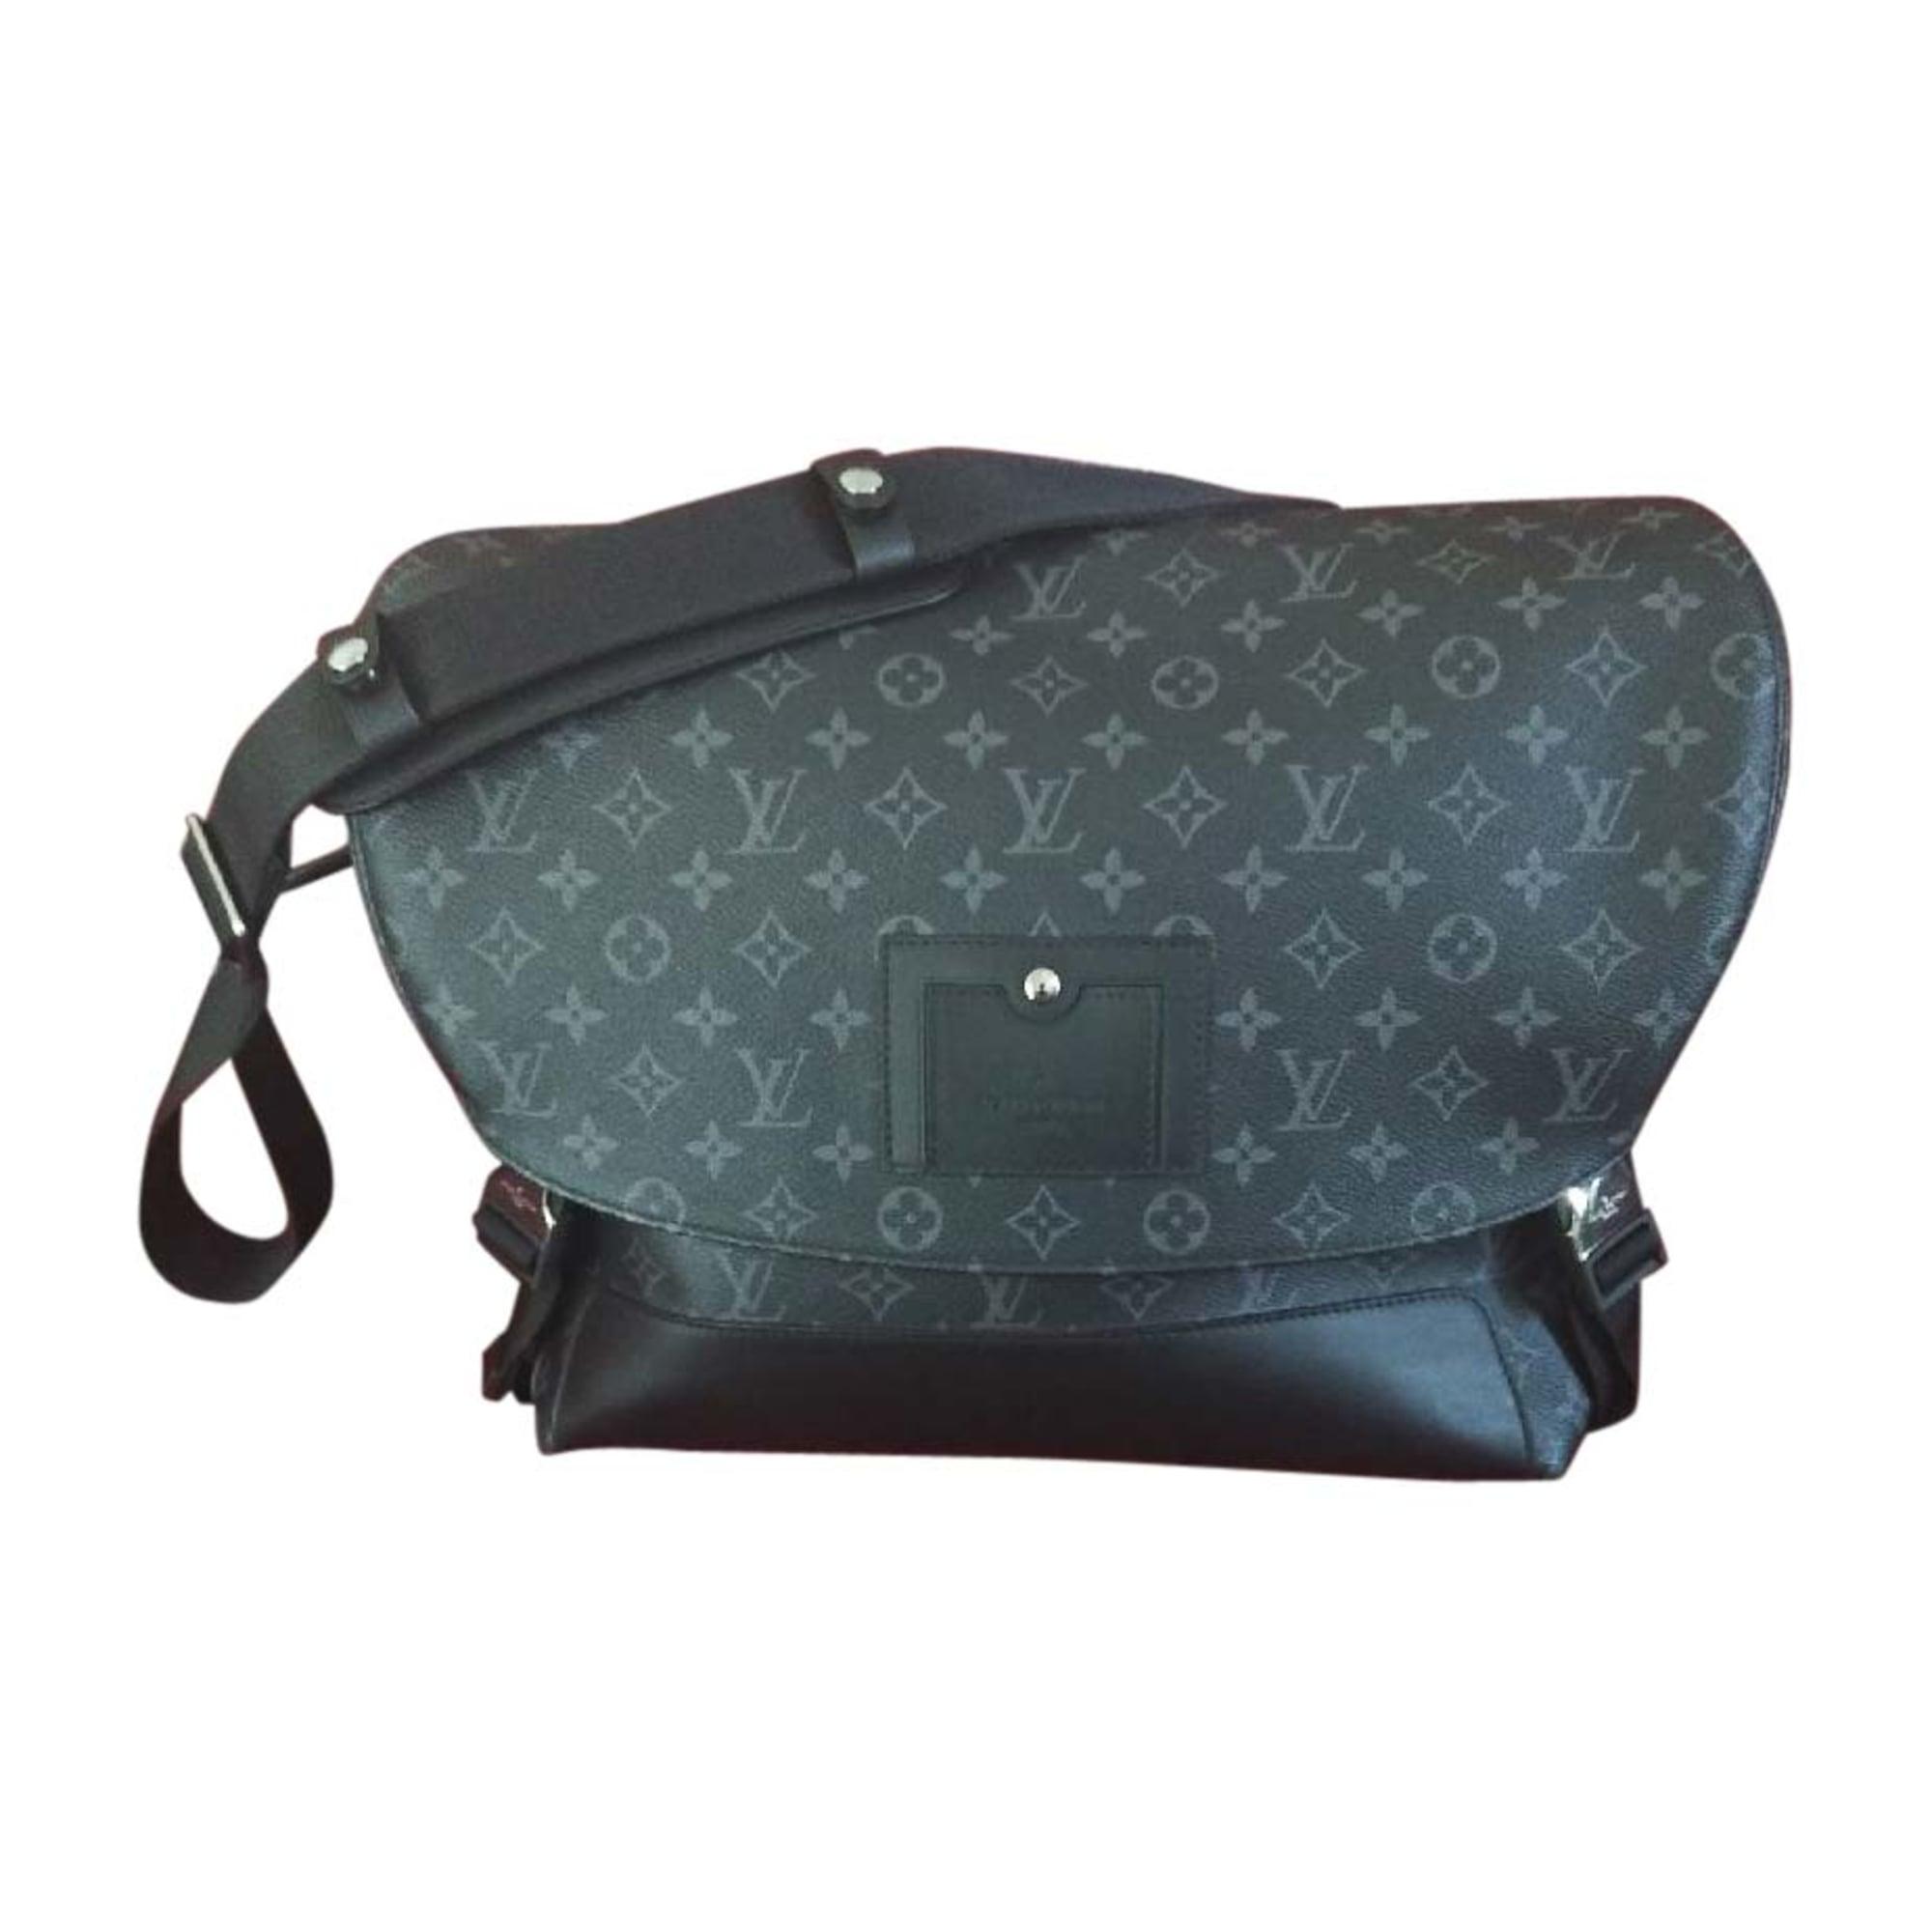 925c07877cd Sacoche LOUIS VUITTON noir vendu par Eventhough1986 - 7924621